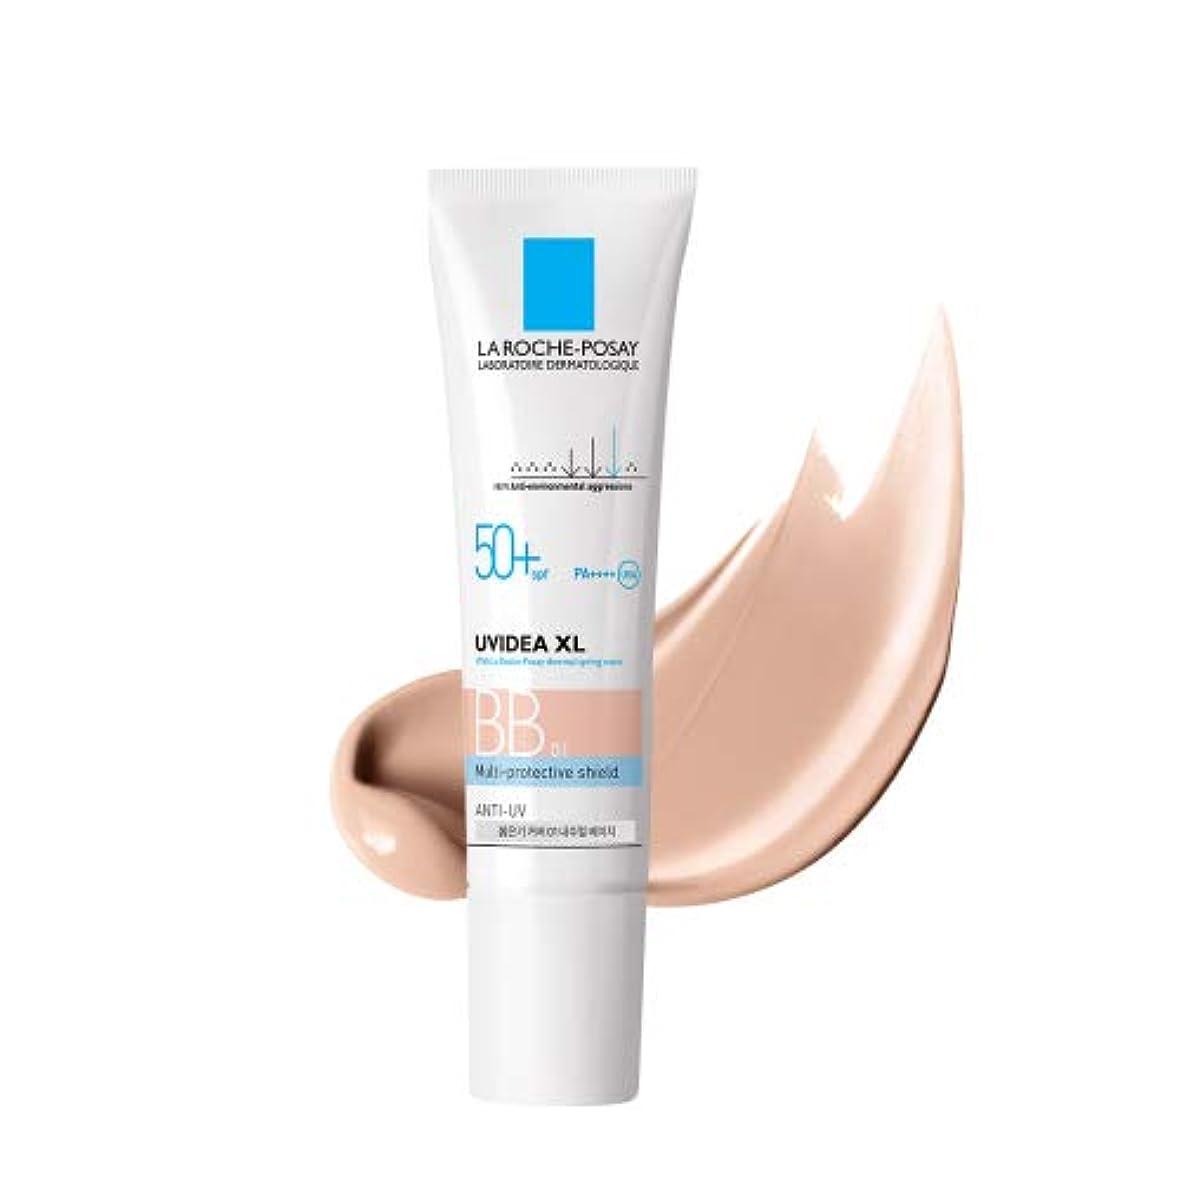 ほんの誤言い直すLa Roche-Posay ラロッシュポゼ UVイデア XL プロテクションBB(01ライト) Uvidea XL BB Cream - #01 (30ml) SPF50+ PA++++